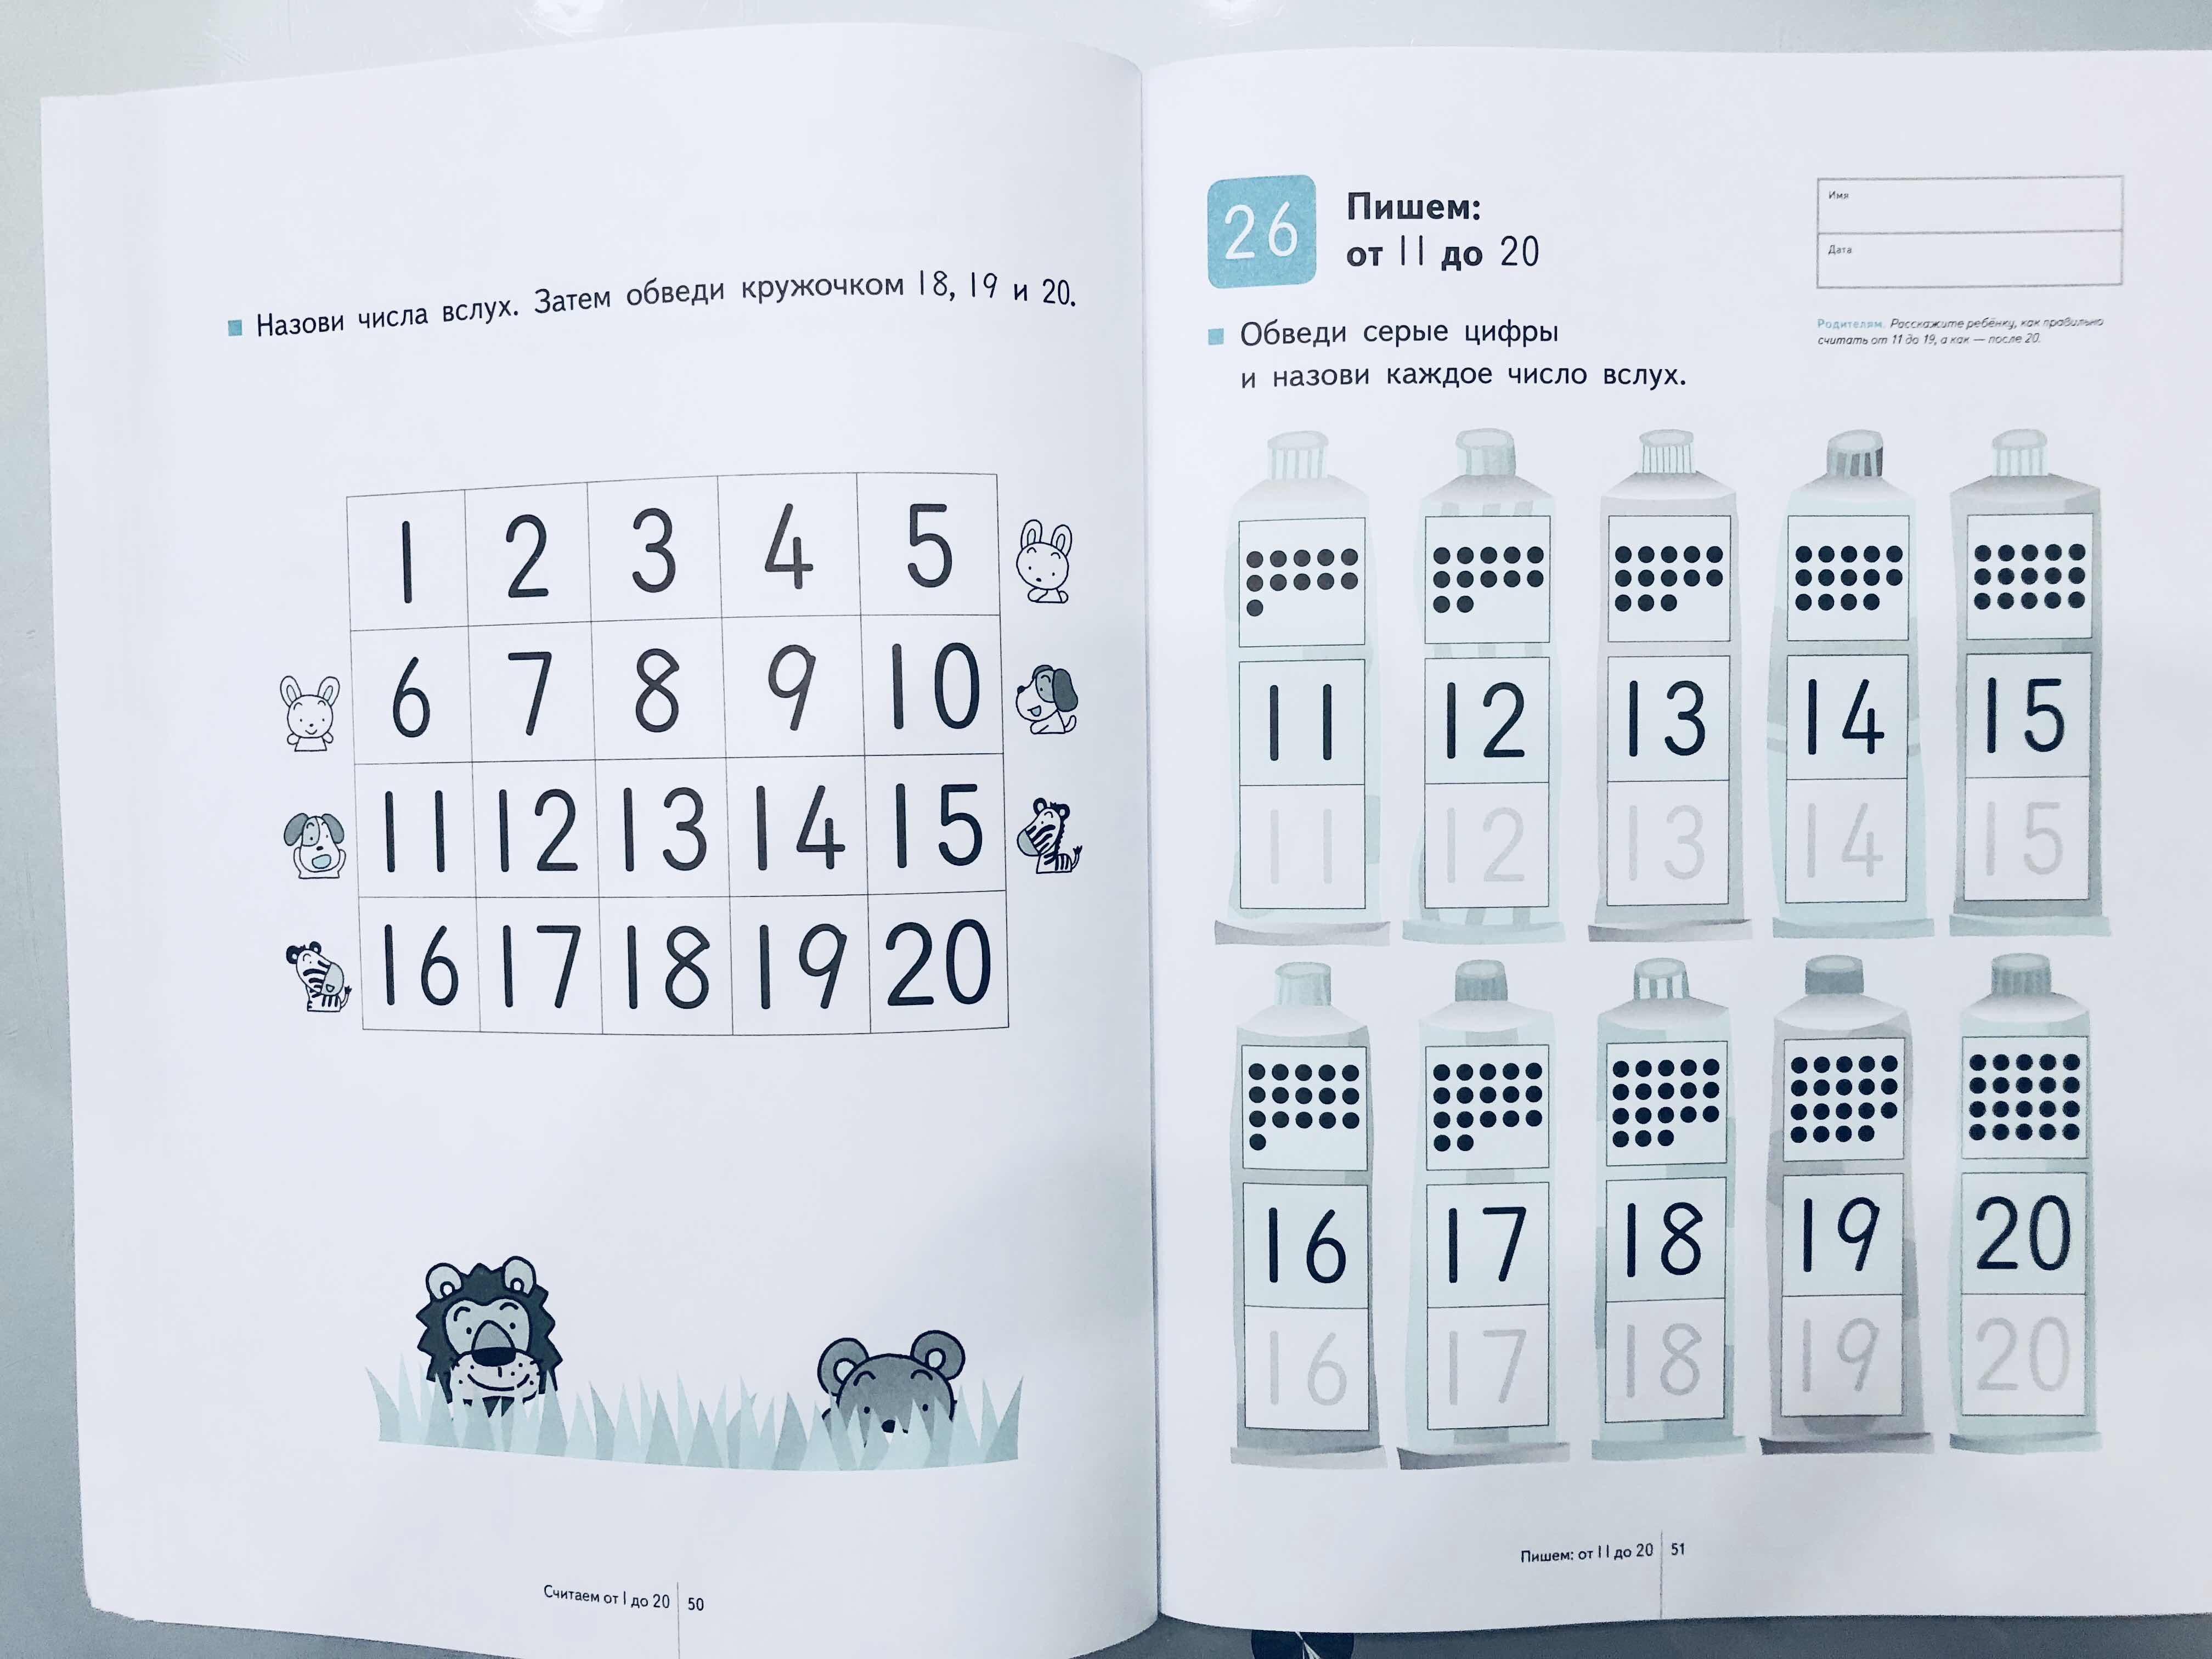 Начинаем учиться считать. Изучаем счет от 1 до 30. 16